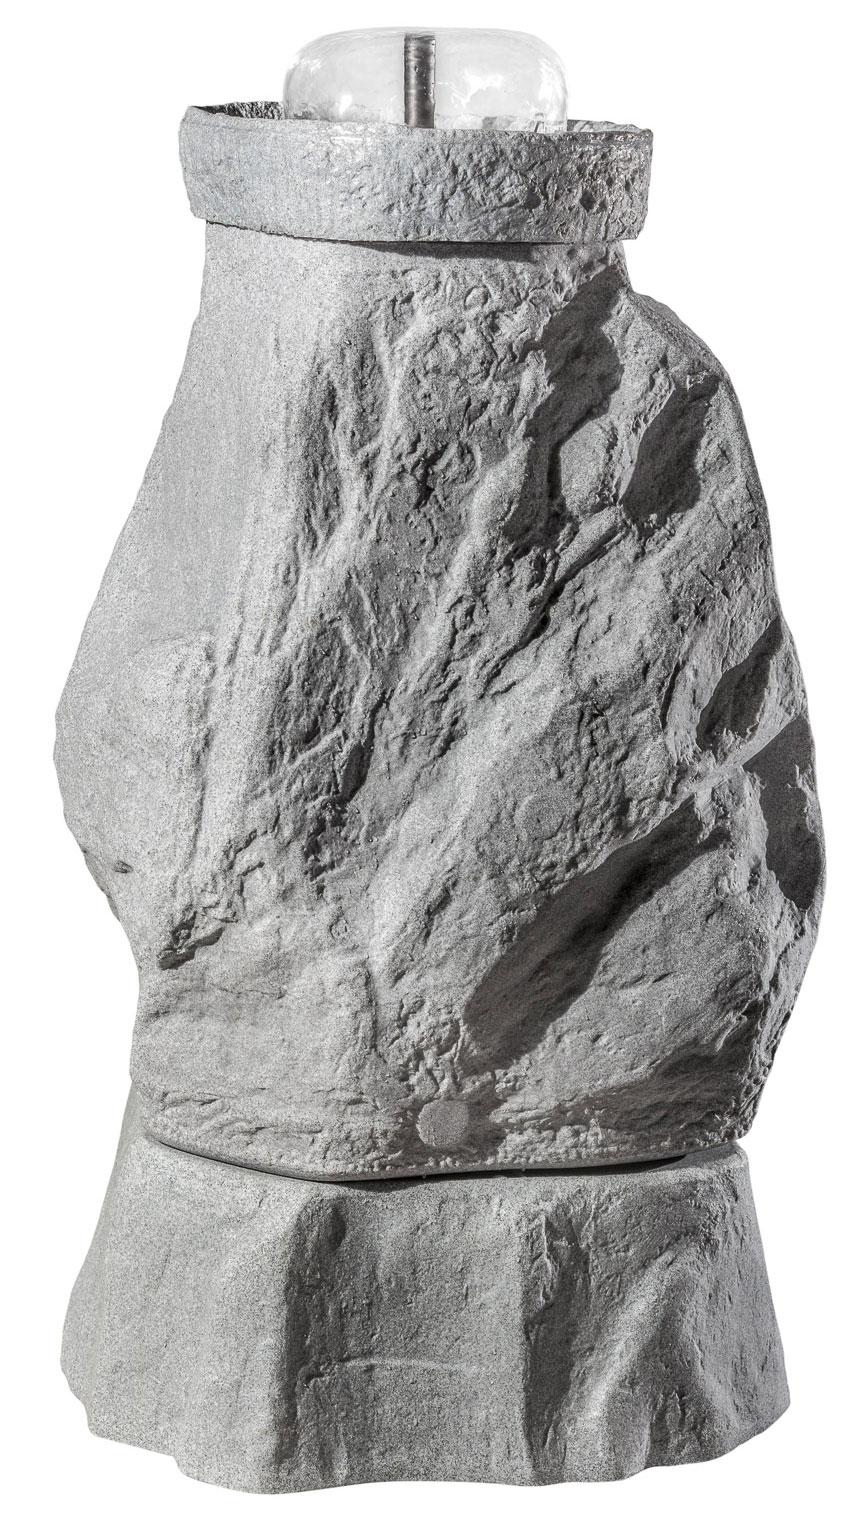 Springbrunnenset für Regentonne GreenLife Hinkelstein granitrot Bild 3